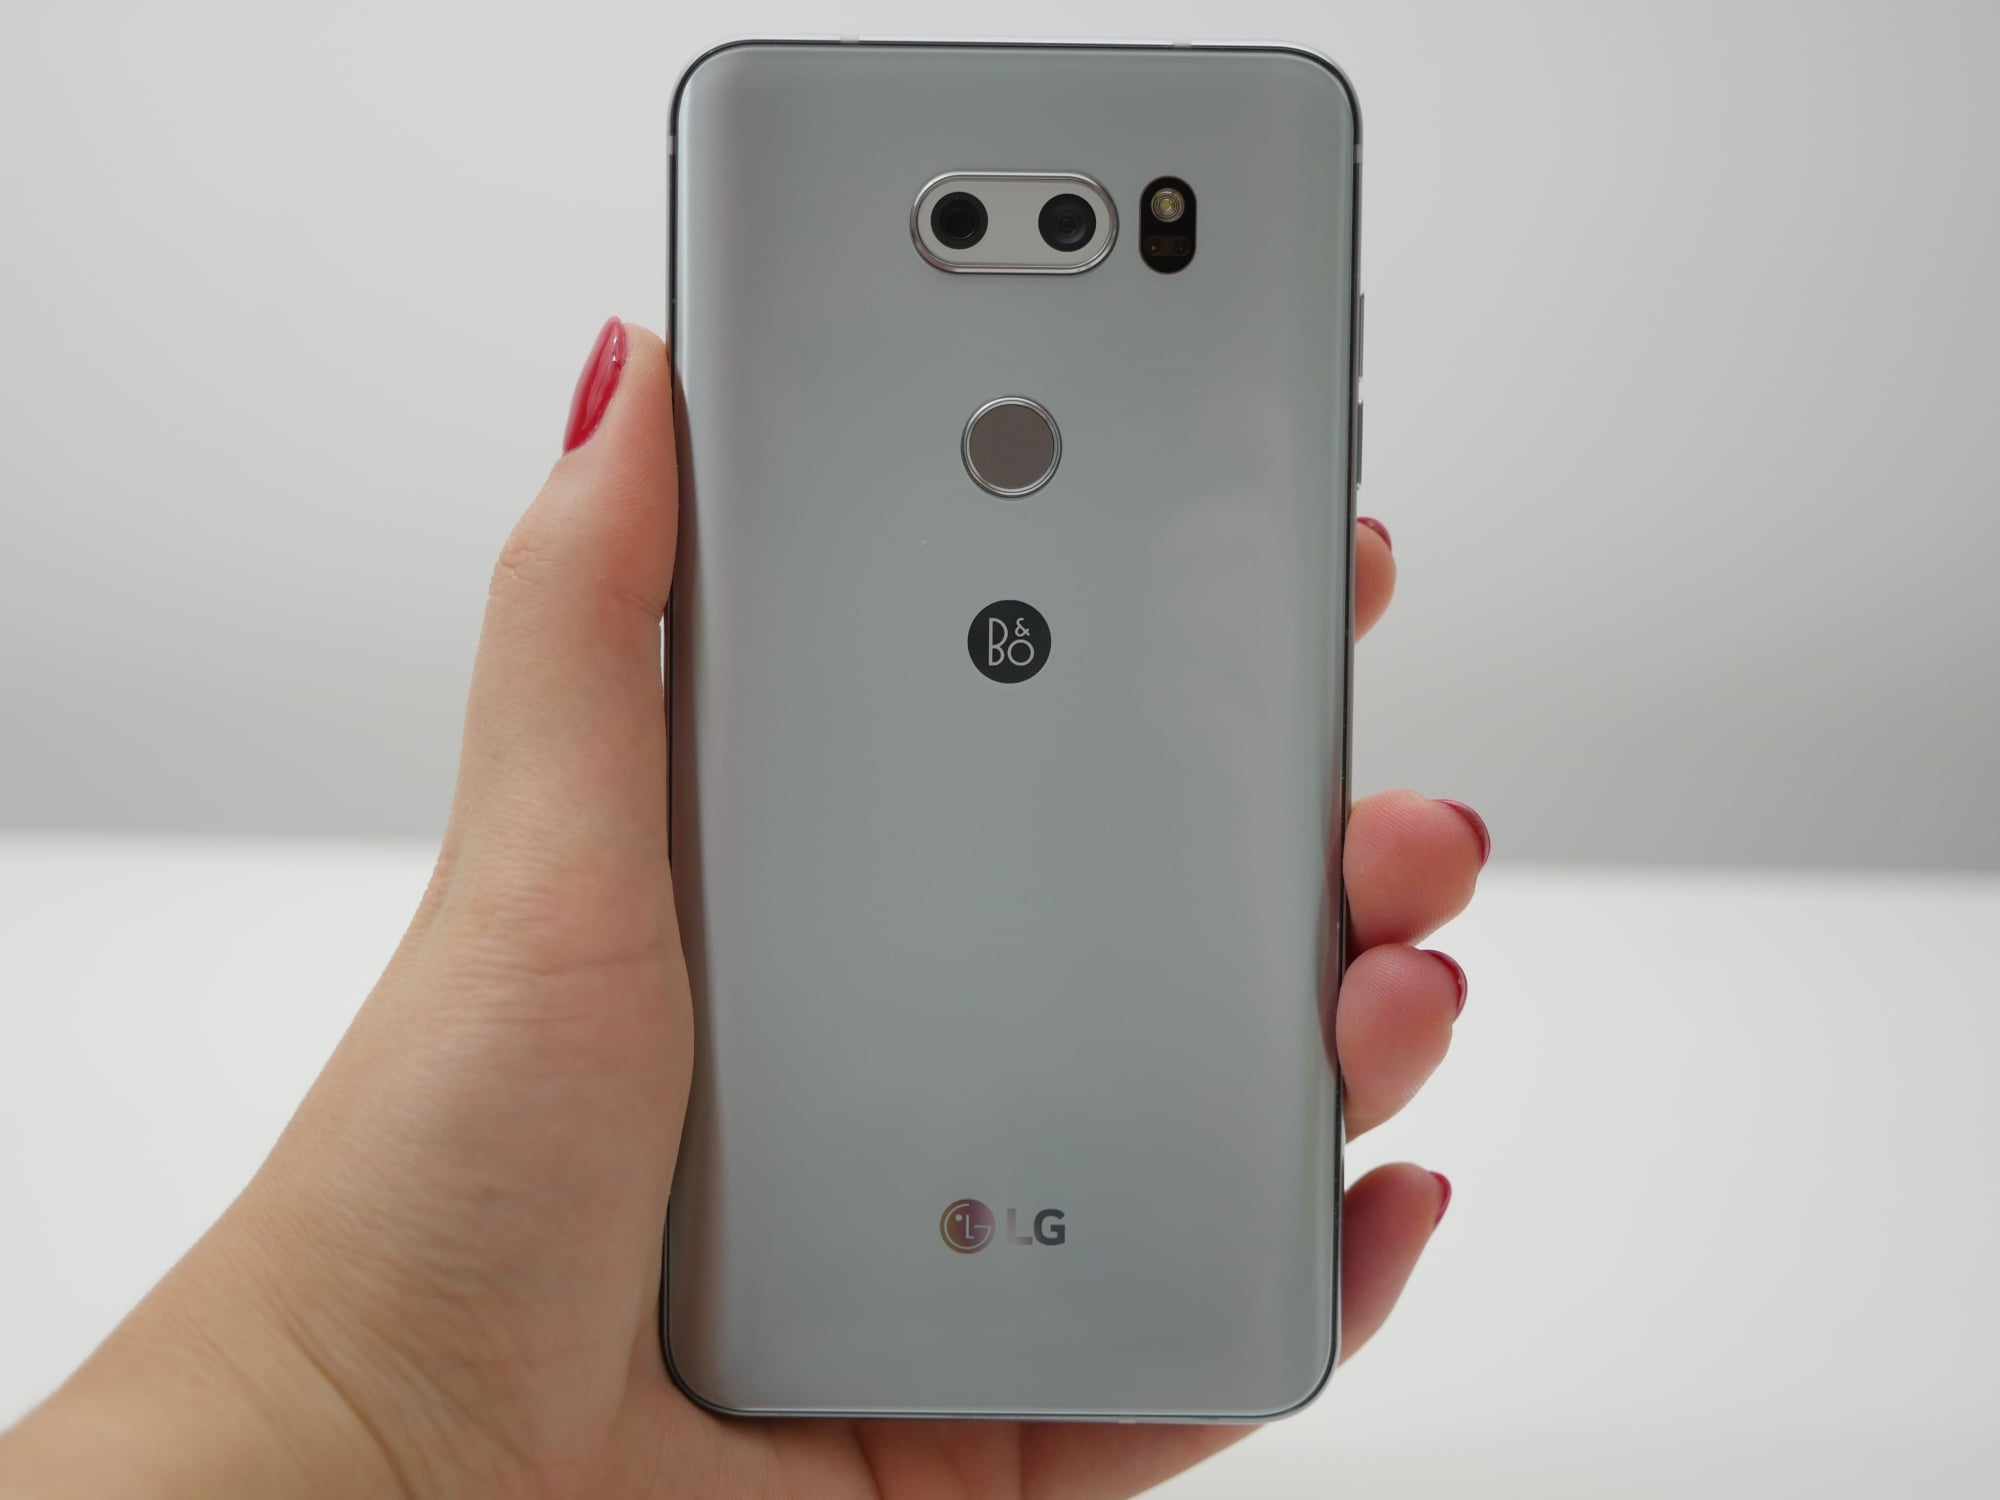 Mając do wydania 2999 złotych, co kupisz? LG V30 czy Huawei Mate 10 Pro? 25